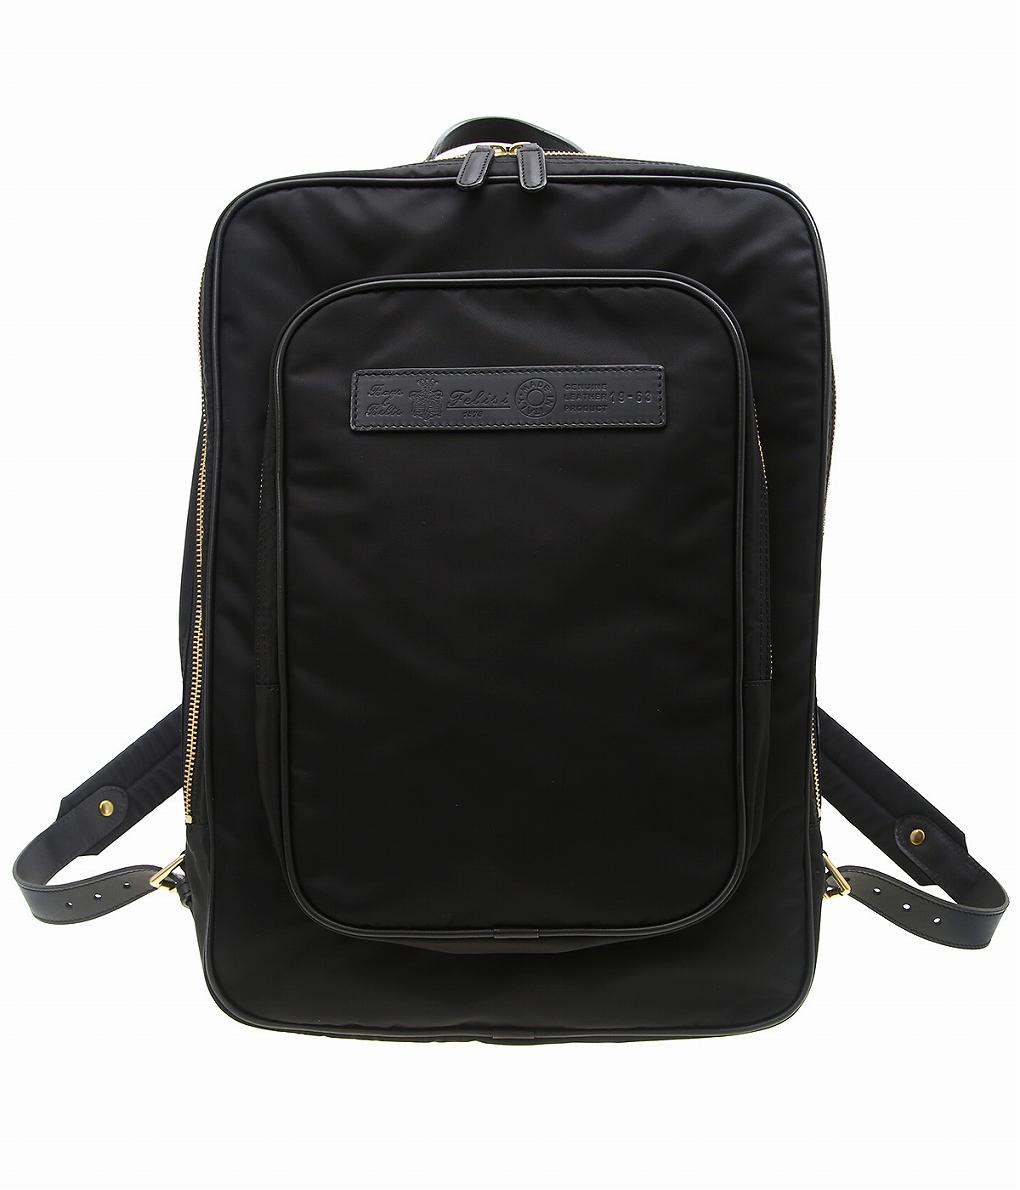 Felisi / フェリージ : 2Way Bag : ツーウェイバッグ レザー 本革 : 19-63-DS-041 【MUS】【BJB】